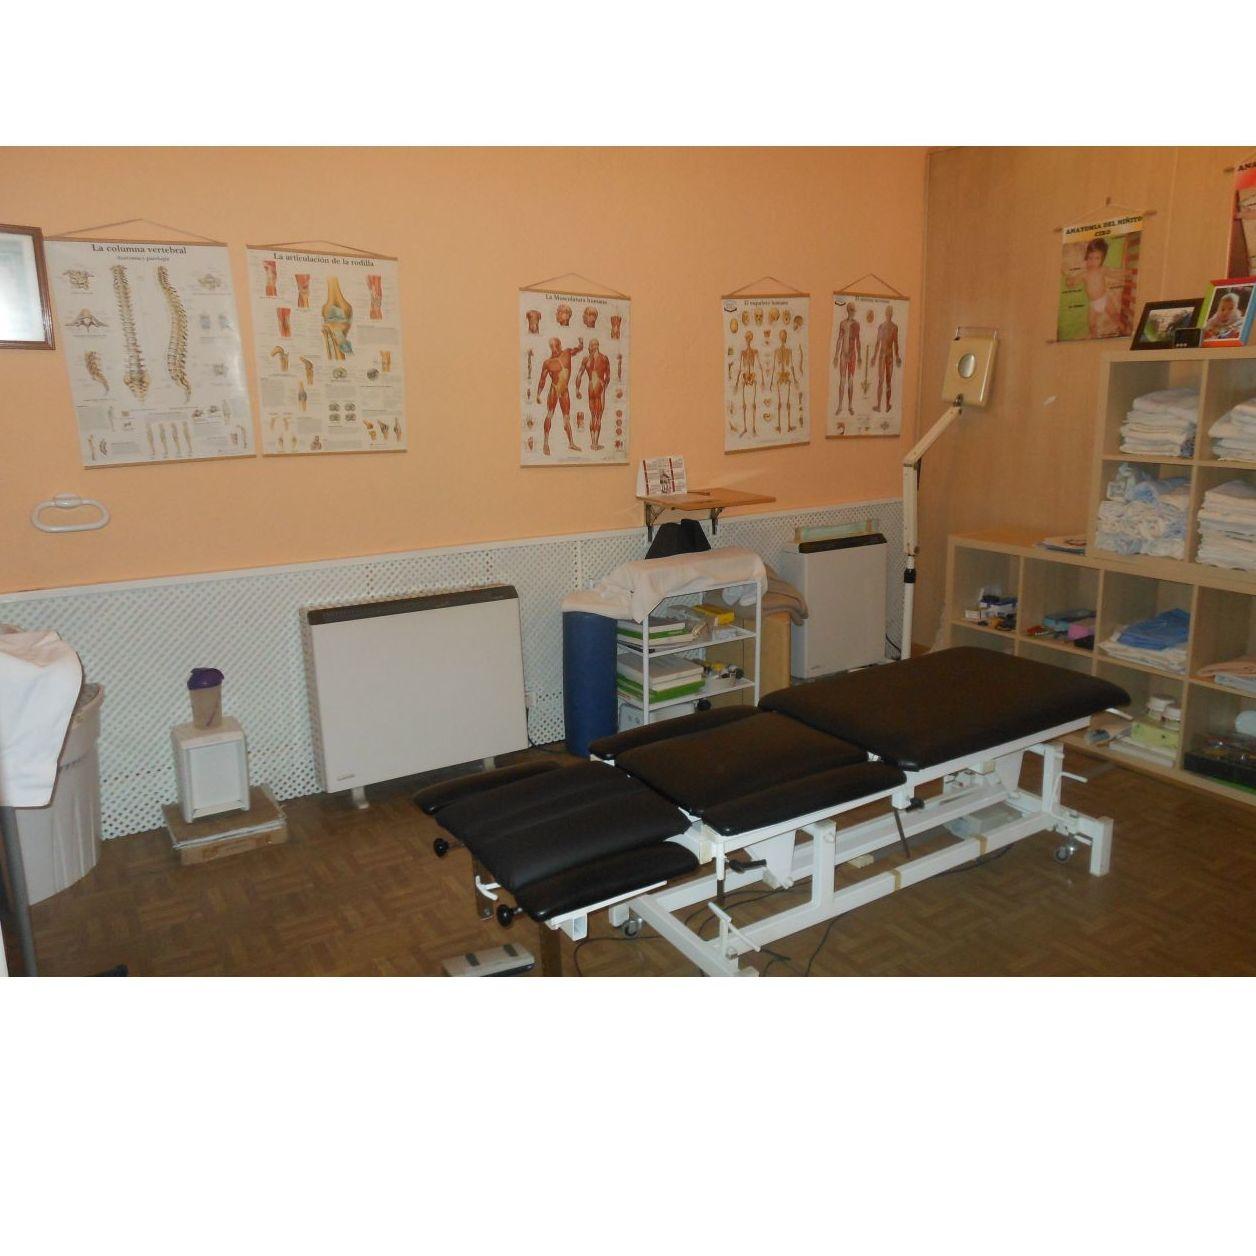 Osteopatía : Terapias   de Centro de Naturopatía no Sanitario Bujutsu